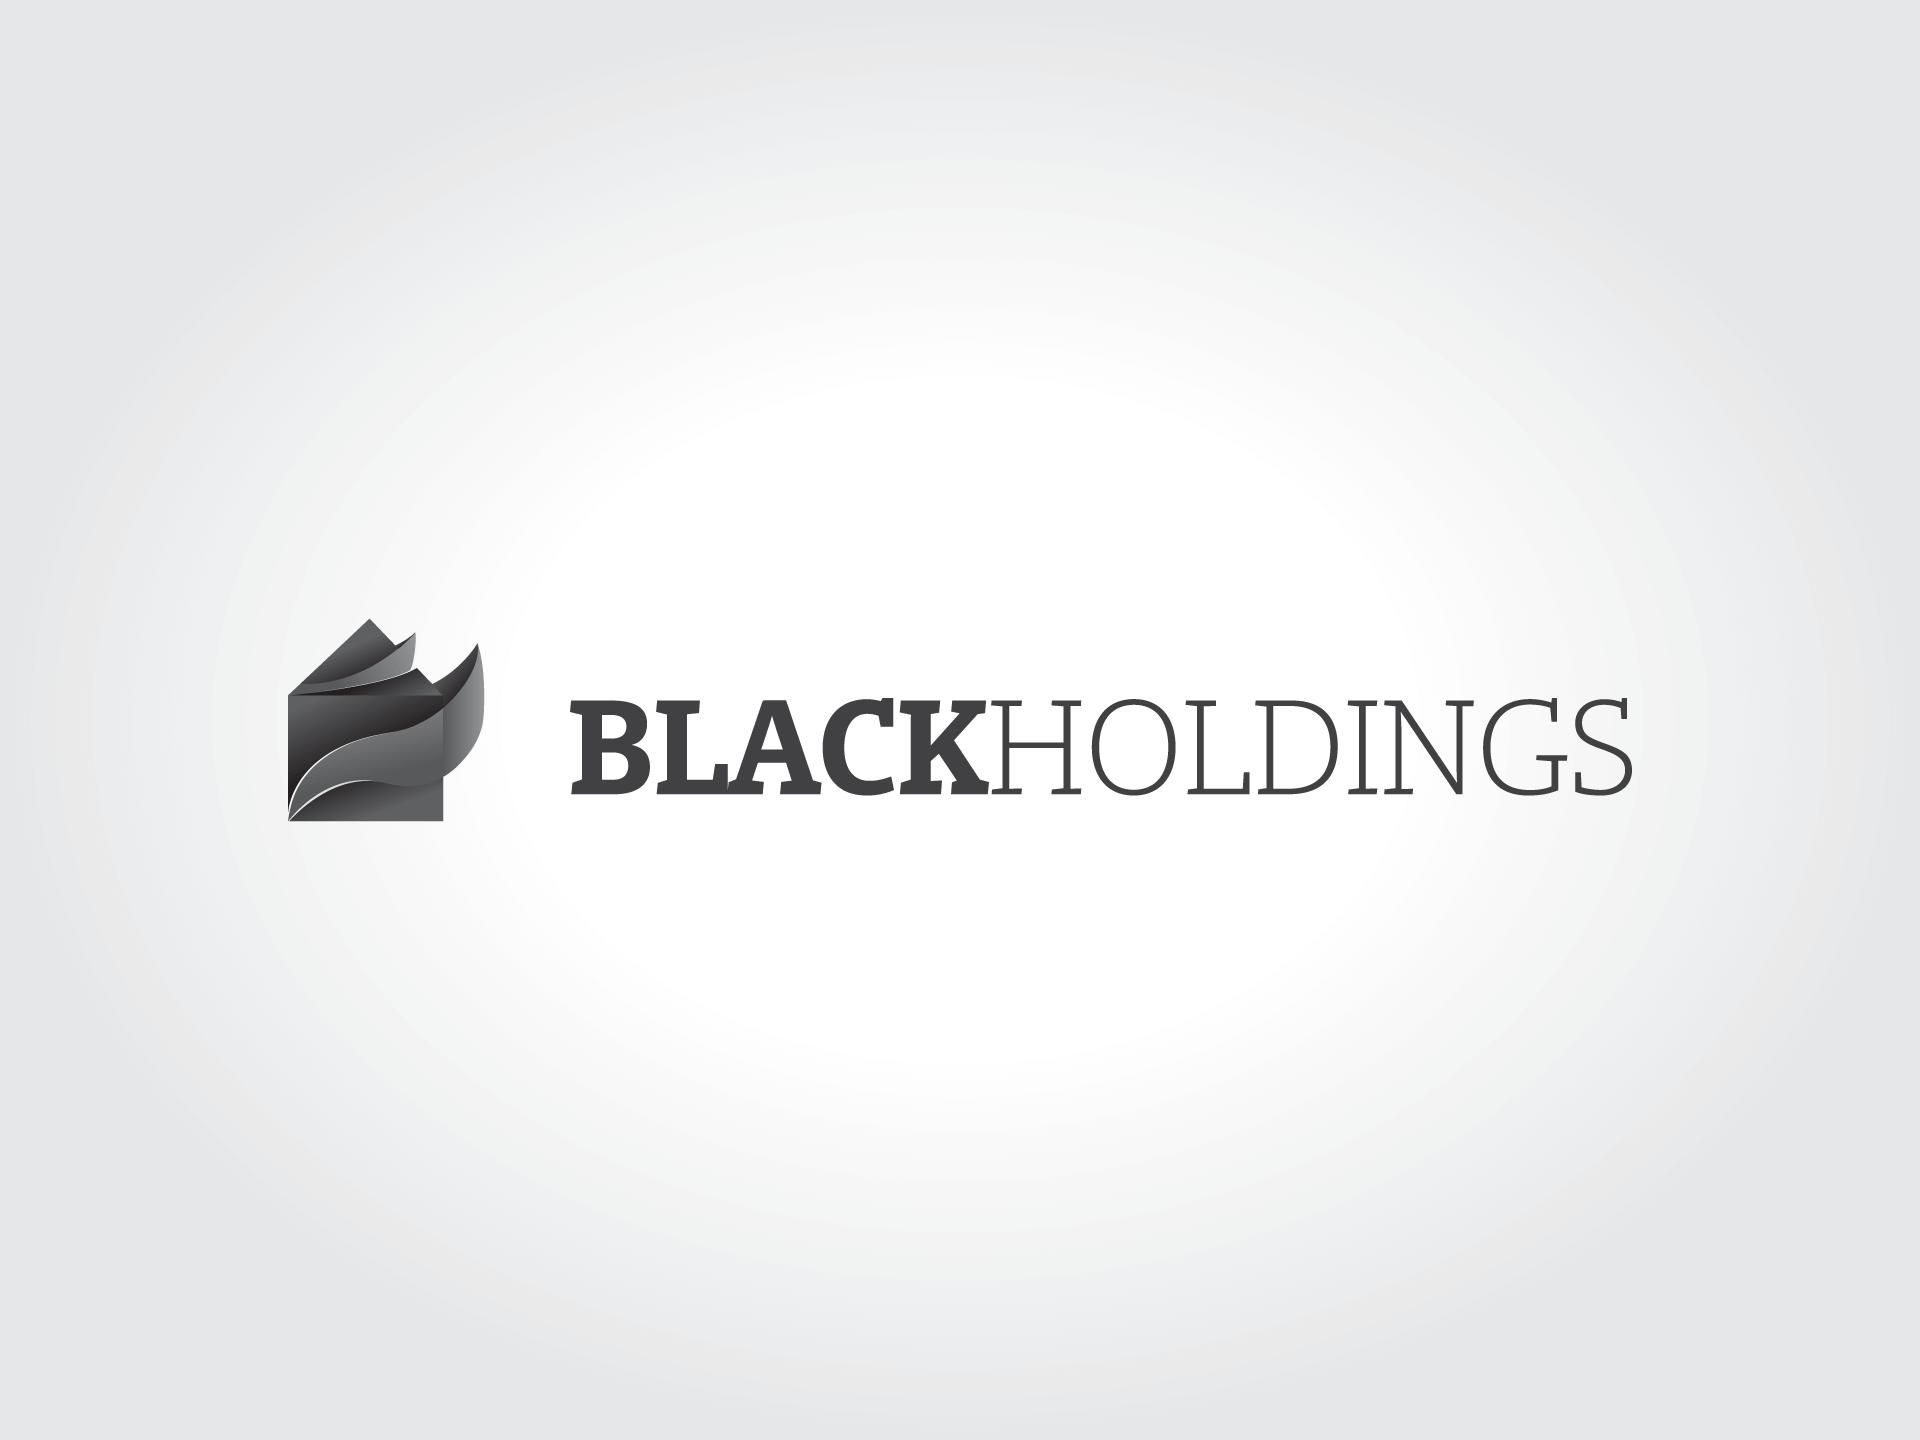 Black Holdings